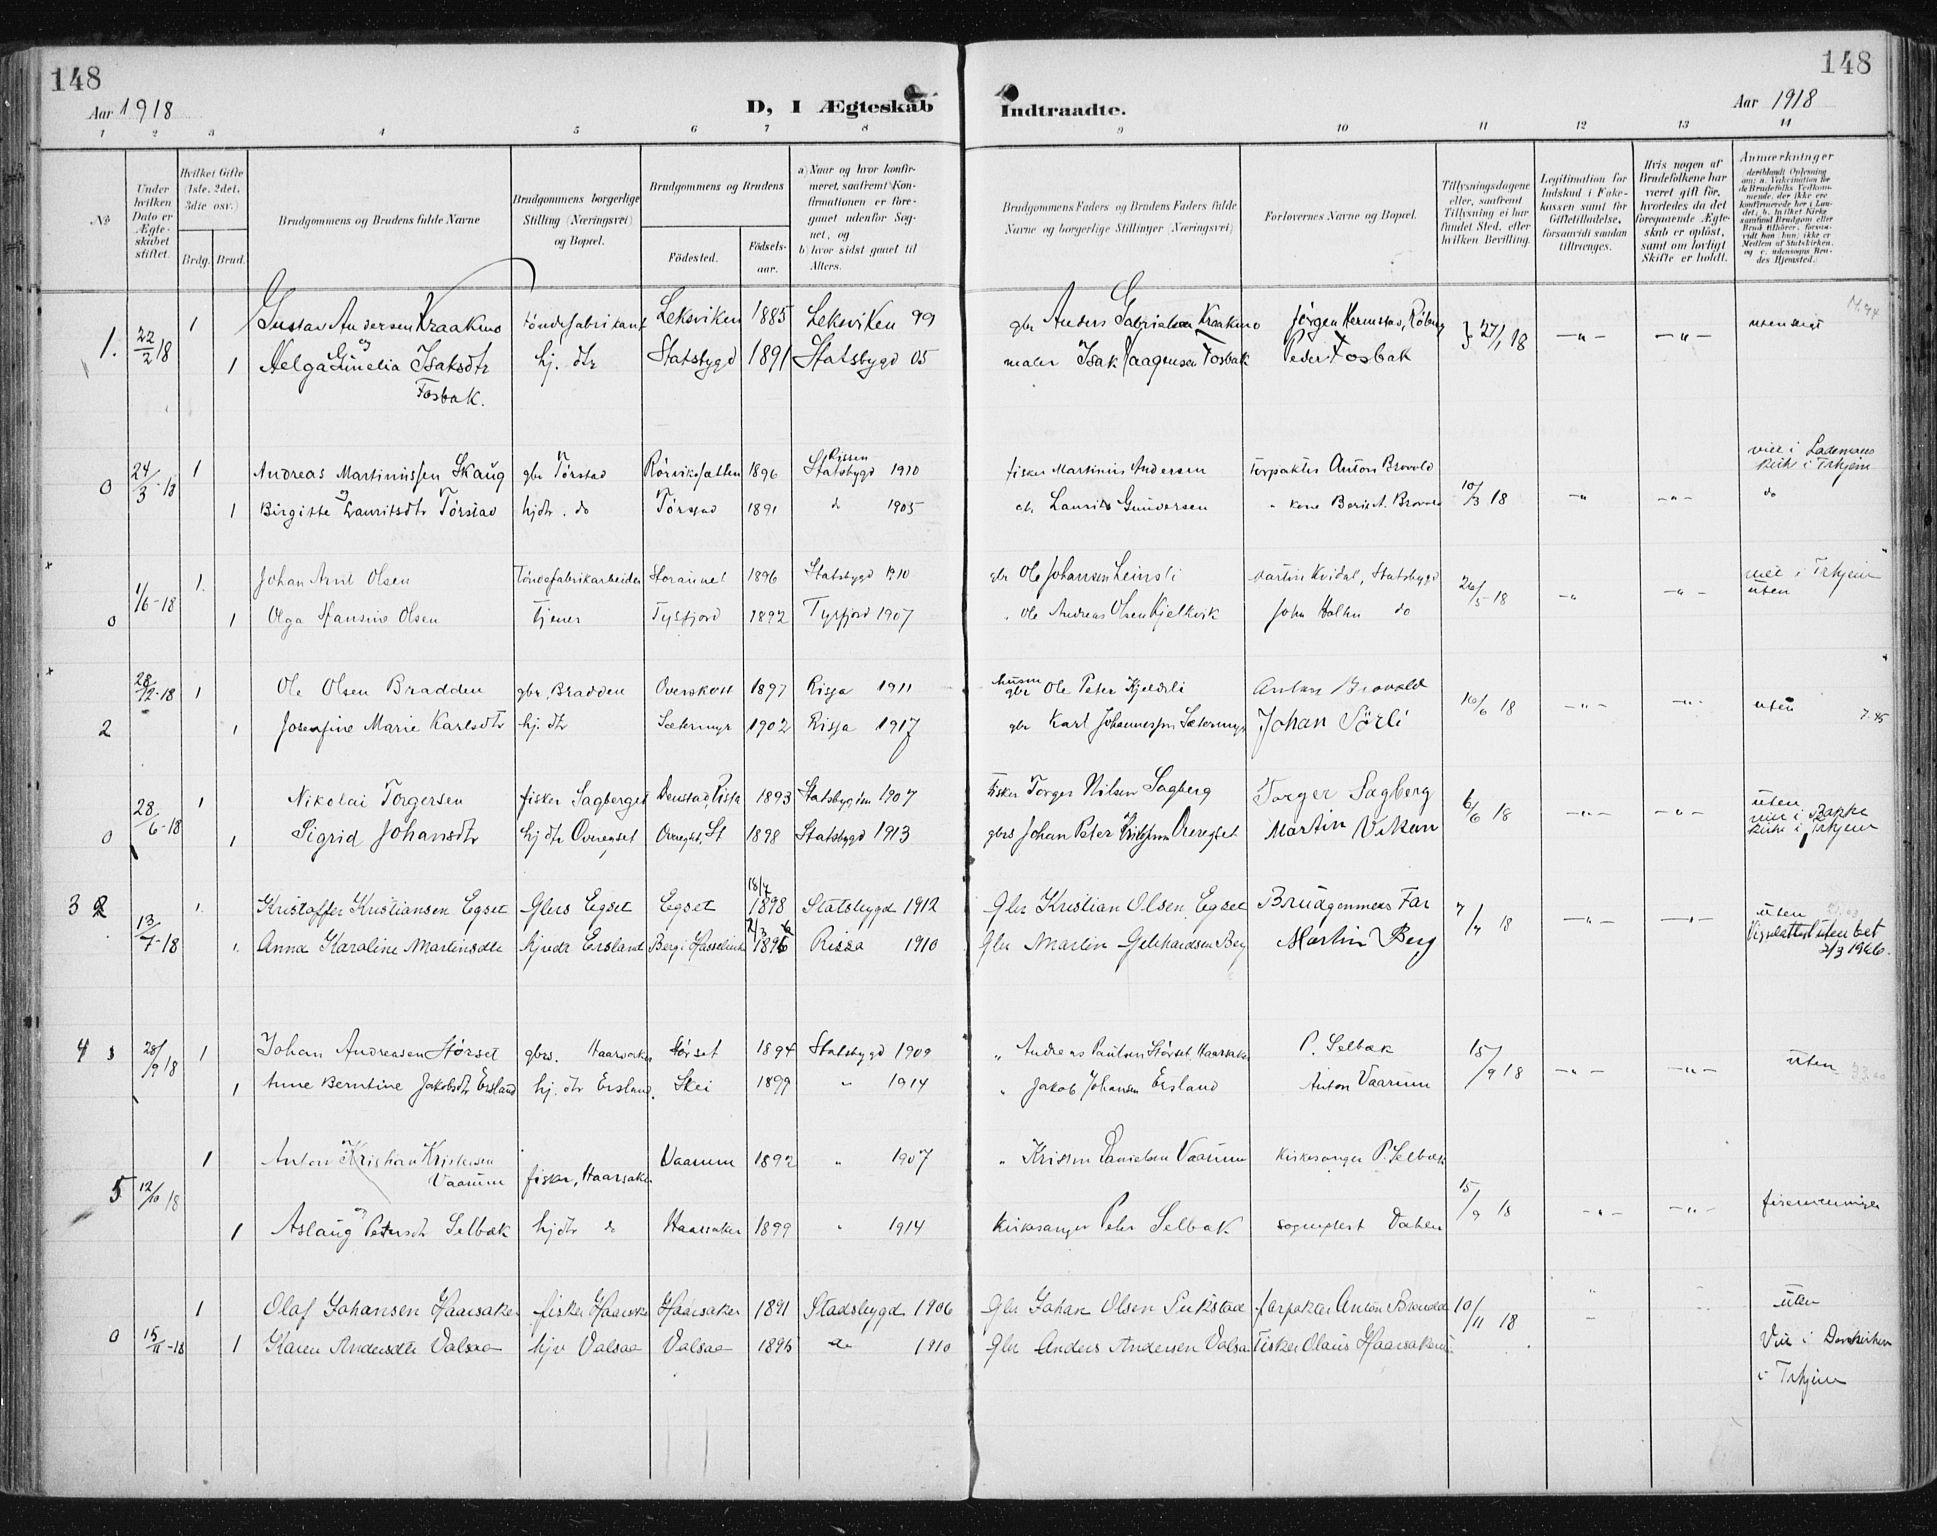 SAT, Ministerialprotokoller, klokkerbøker og fødselsregistre - Sør-Trøndelag, 646/L0616: Ministerialbok nr. 646A14, 1900-1918, s. 148